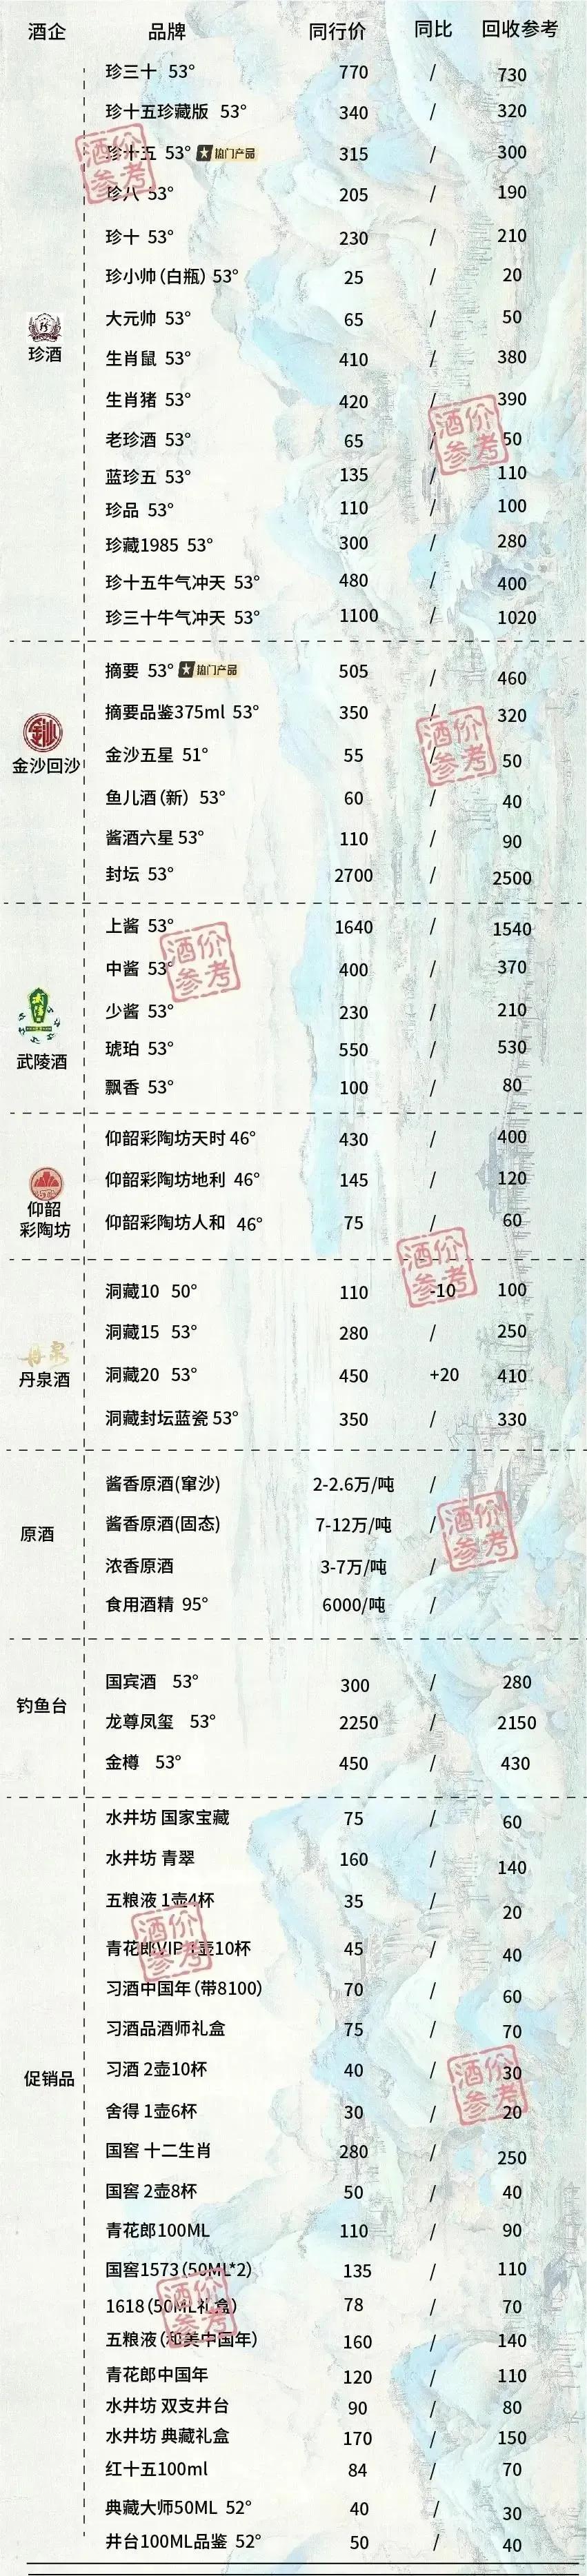 成都白酒回收价格表图片4